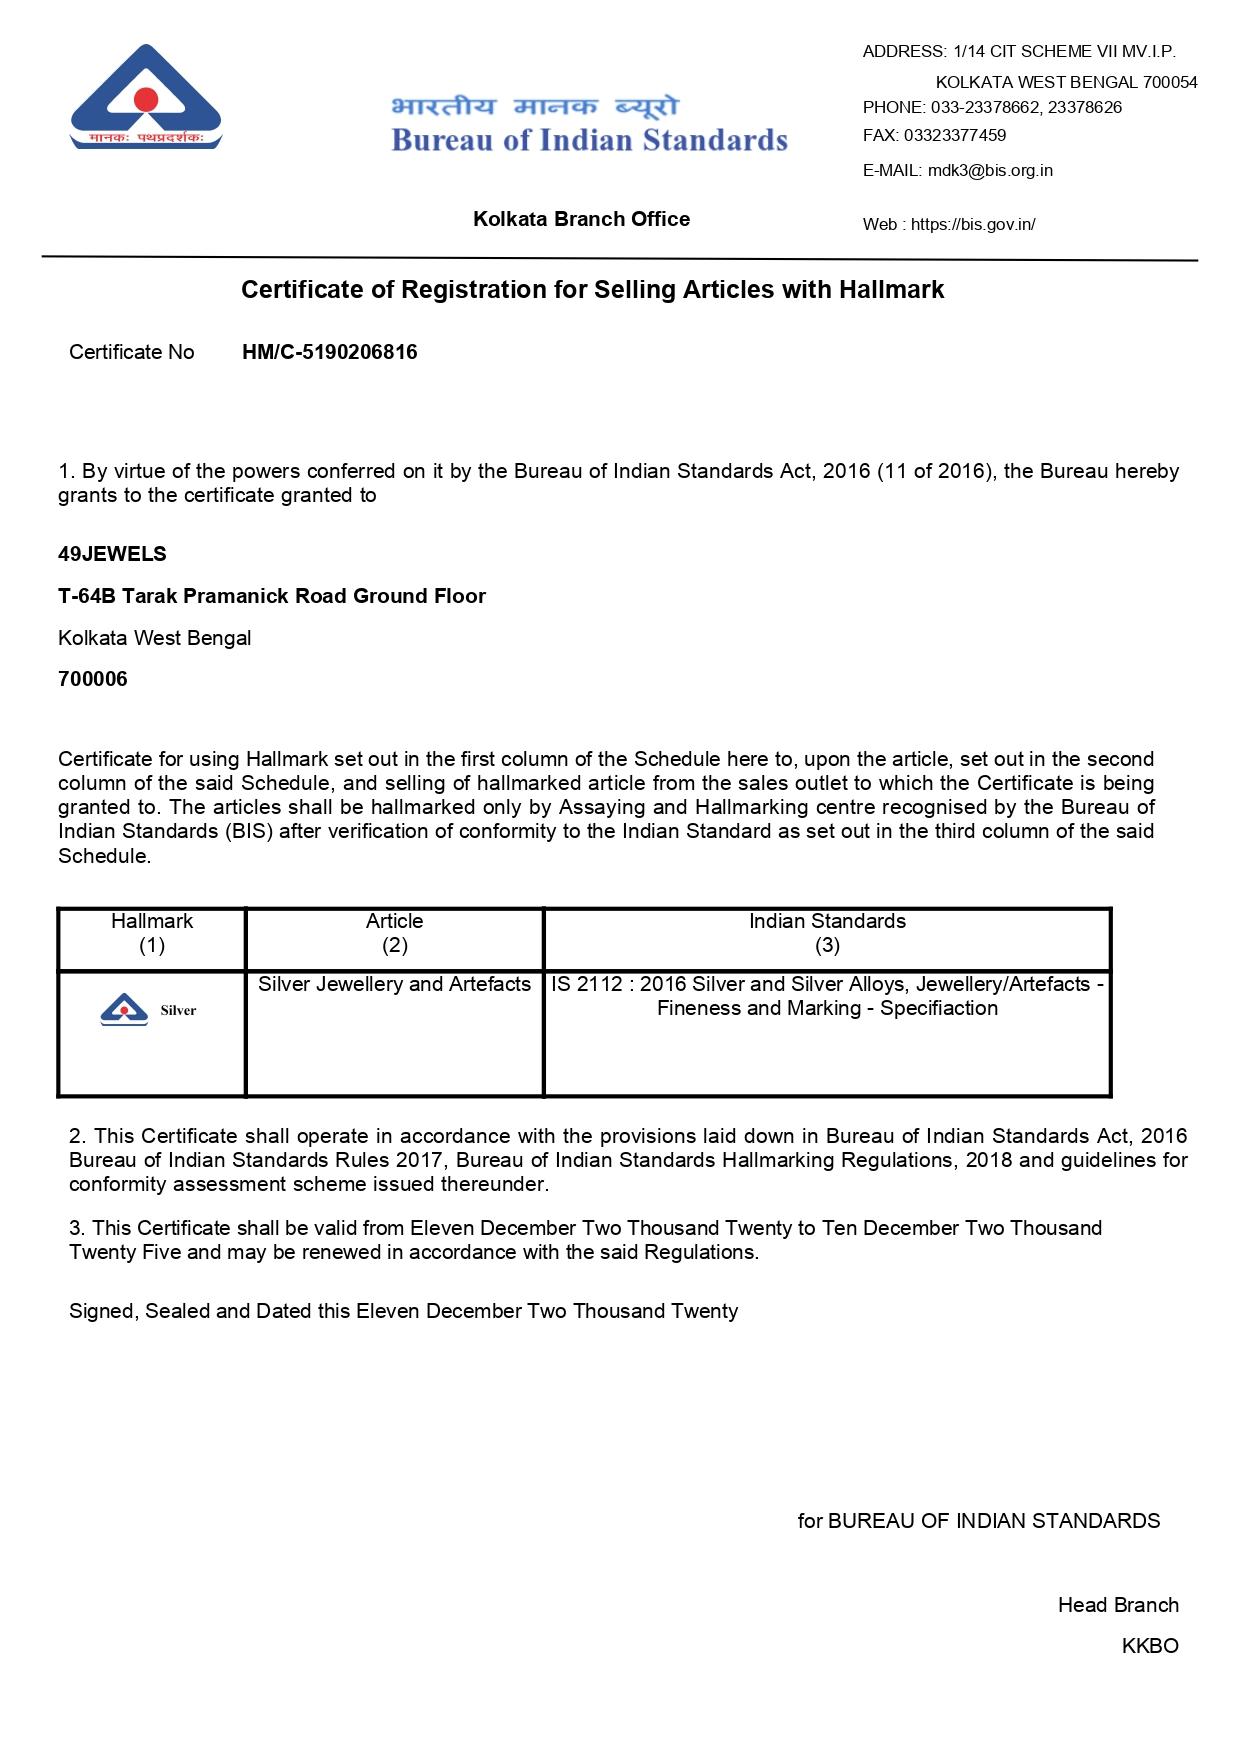 BIS Hallmark Certificate {Silver)